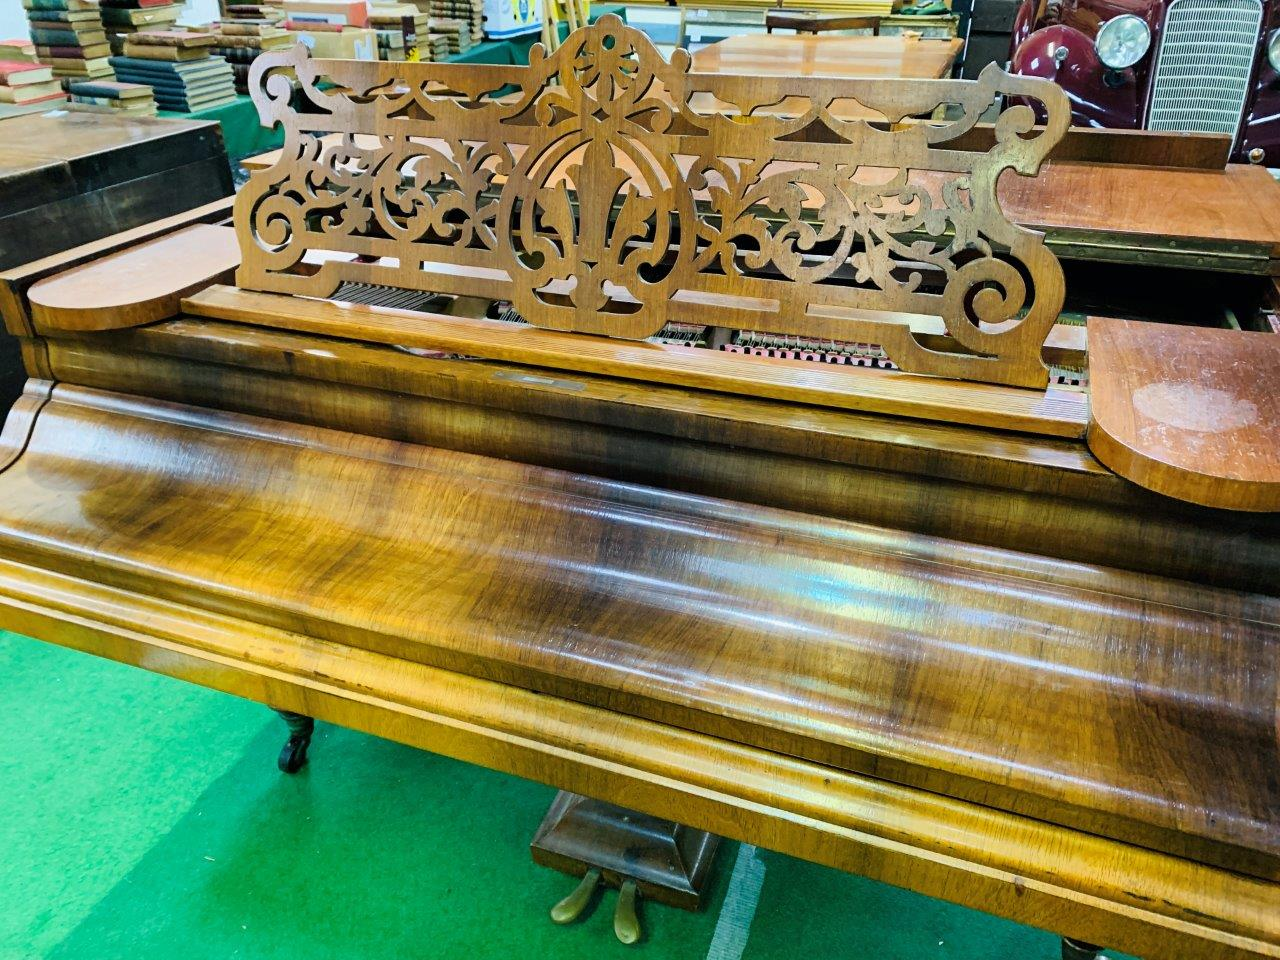 Mahogany cased small grand piano by Hagspiel & Company - Image 4 of 6